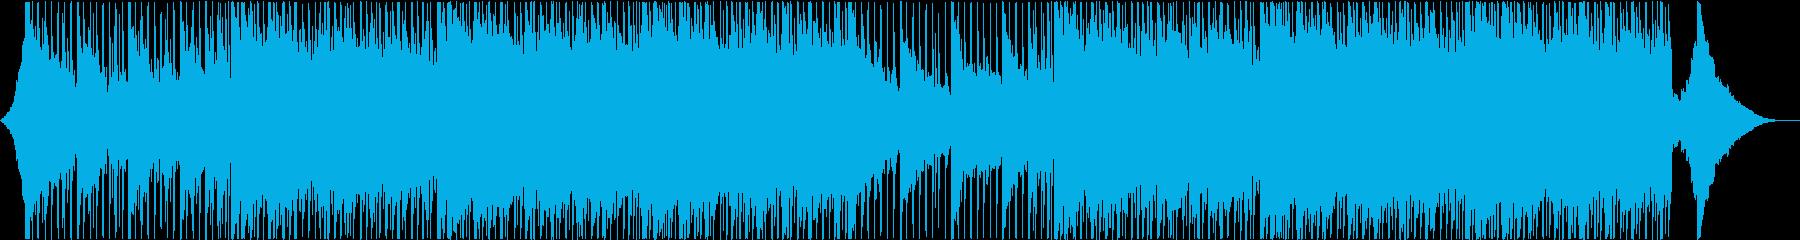 企業、バックグラウンドトラックの再生済みの波形